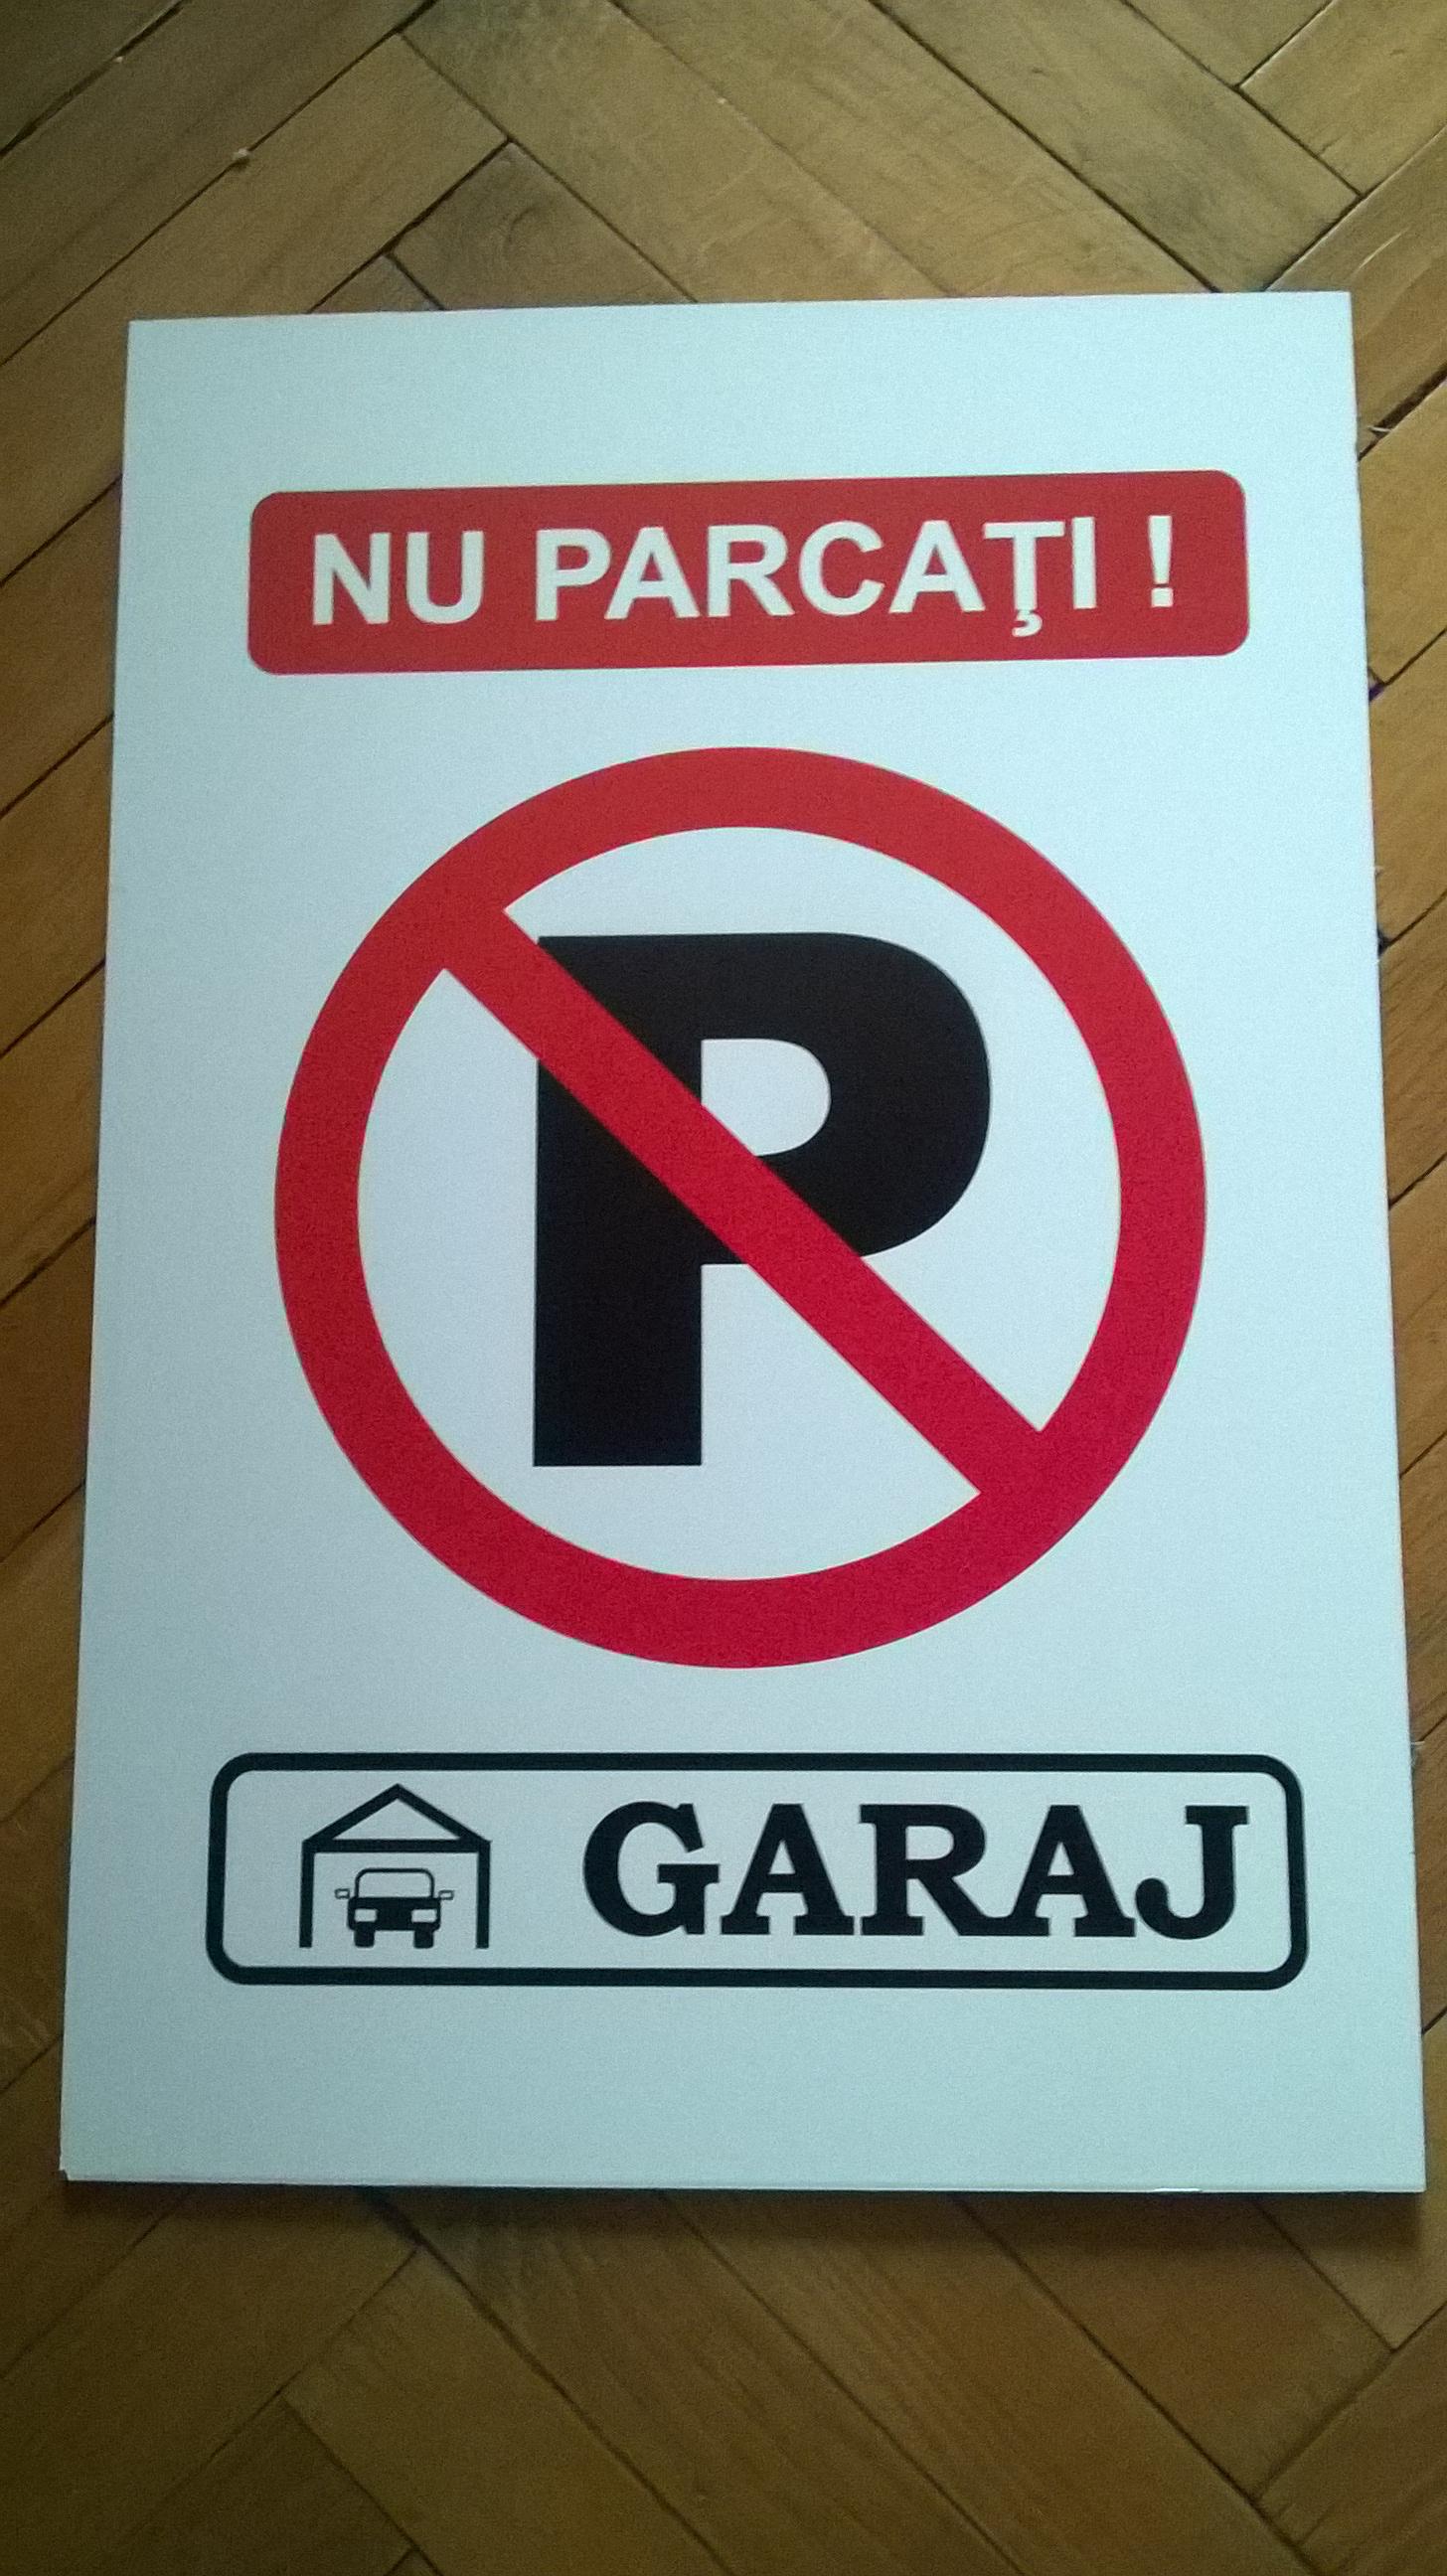 Placuta parcare - nu parcati garaj